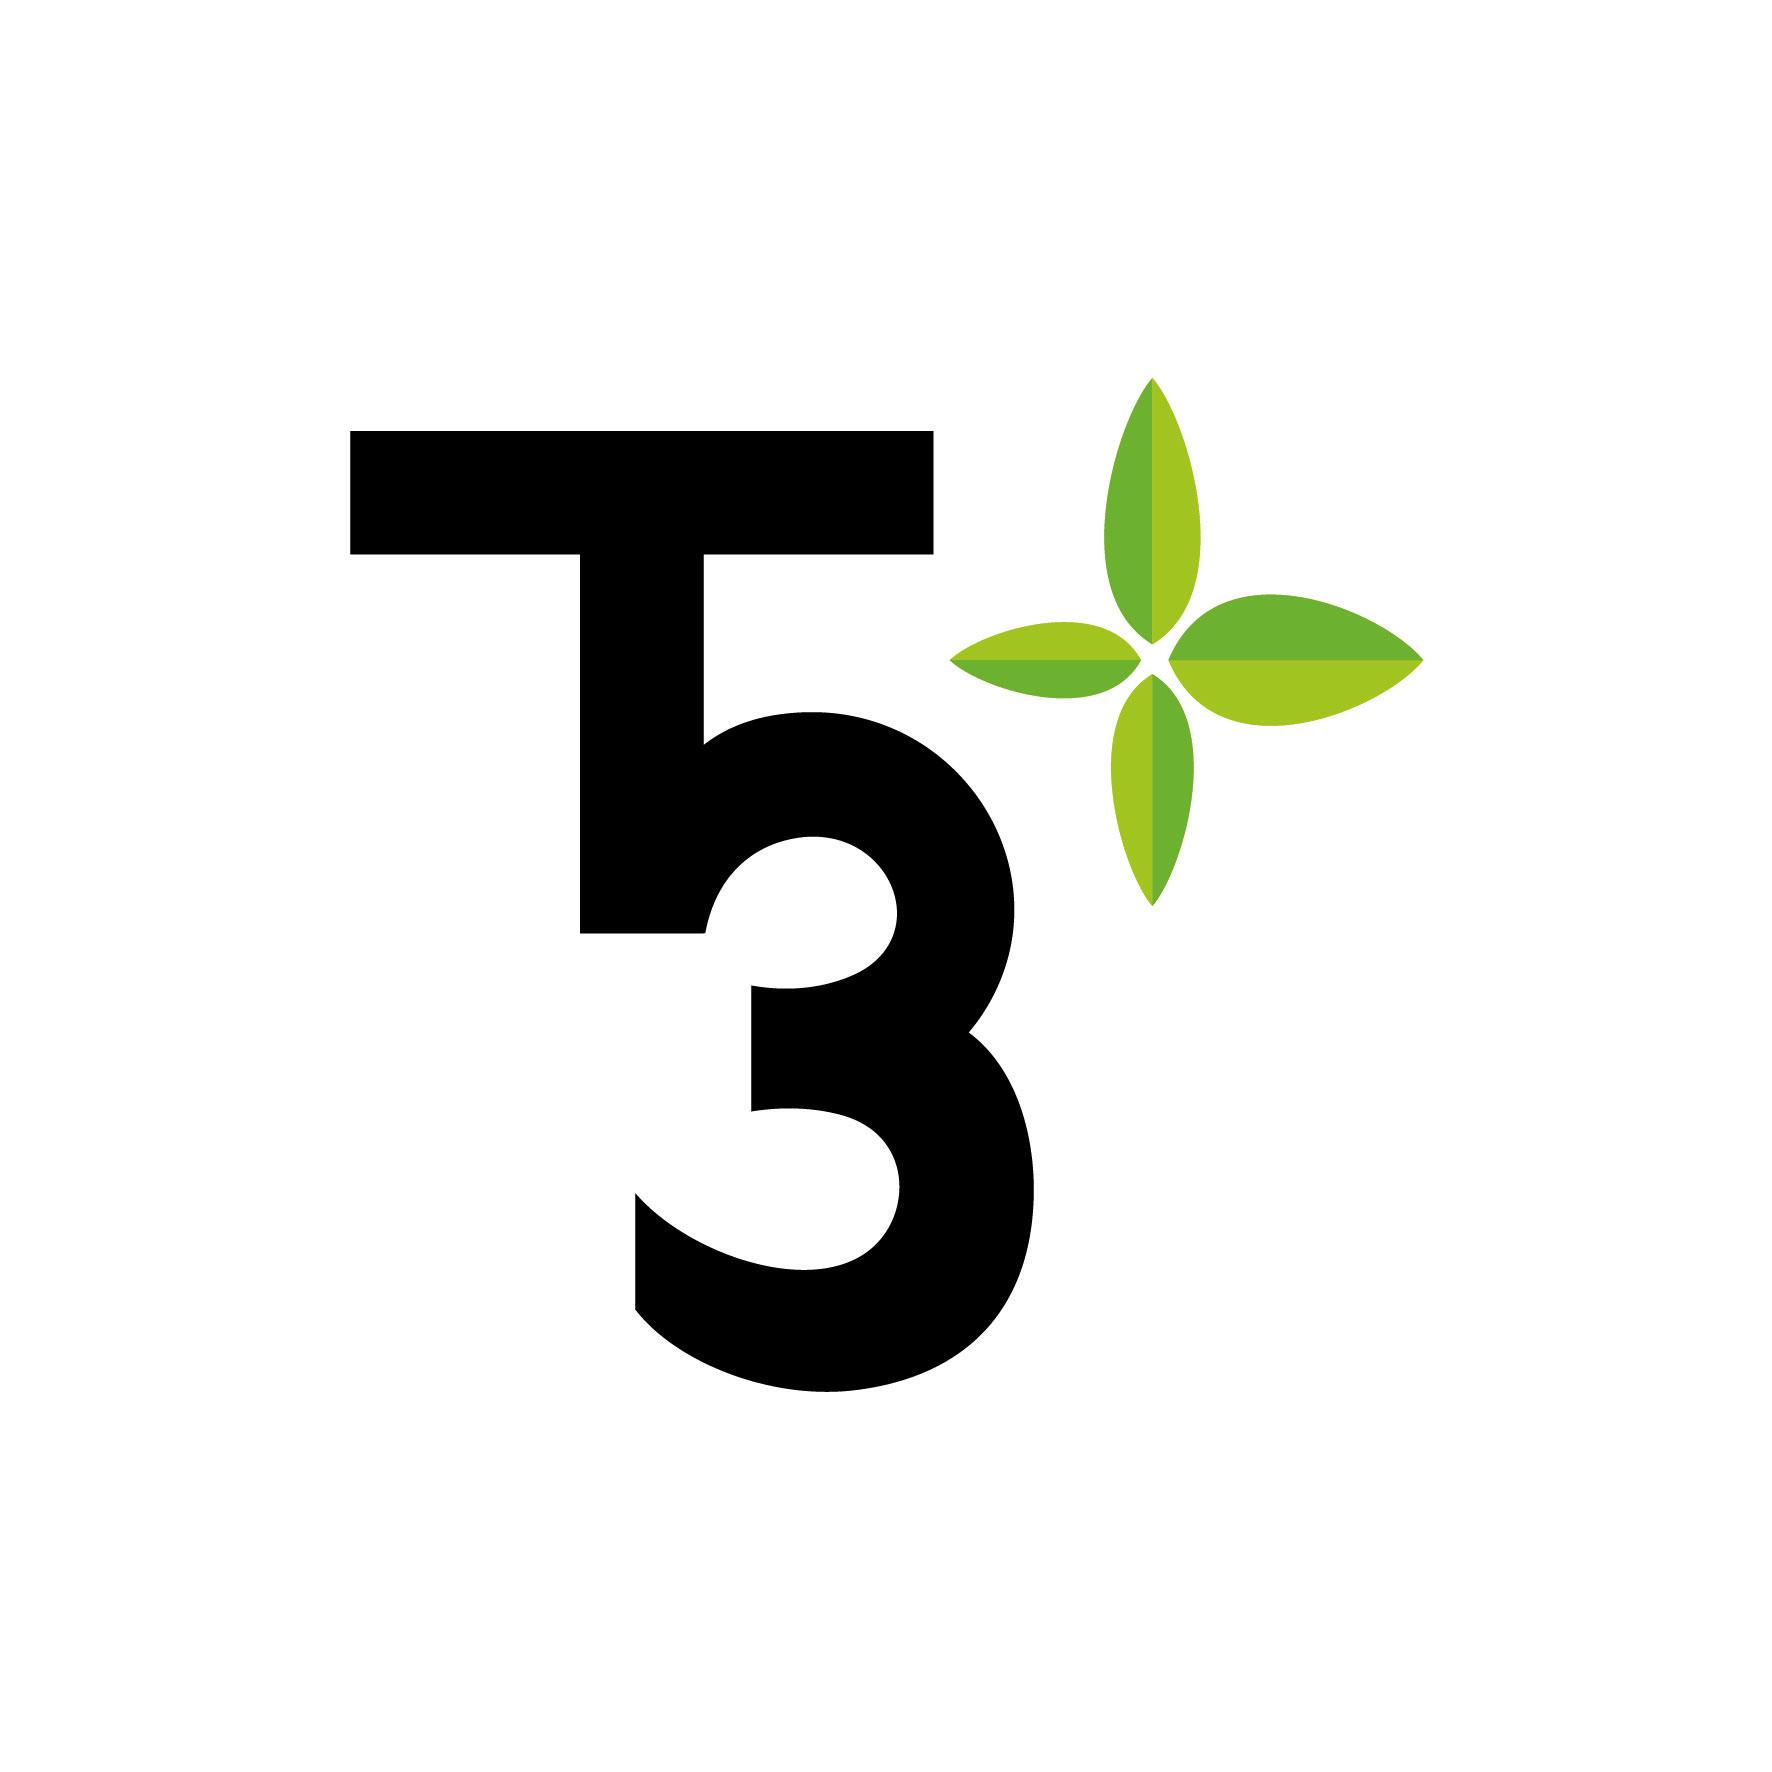 logo logo 标志 设计 矢量 矢量图 素材 图标 1772_1772